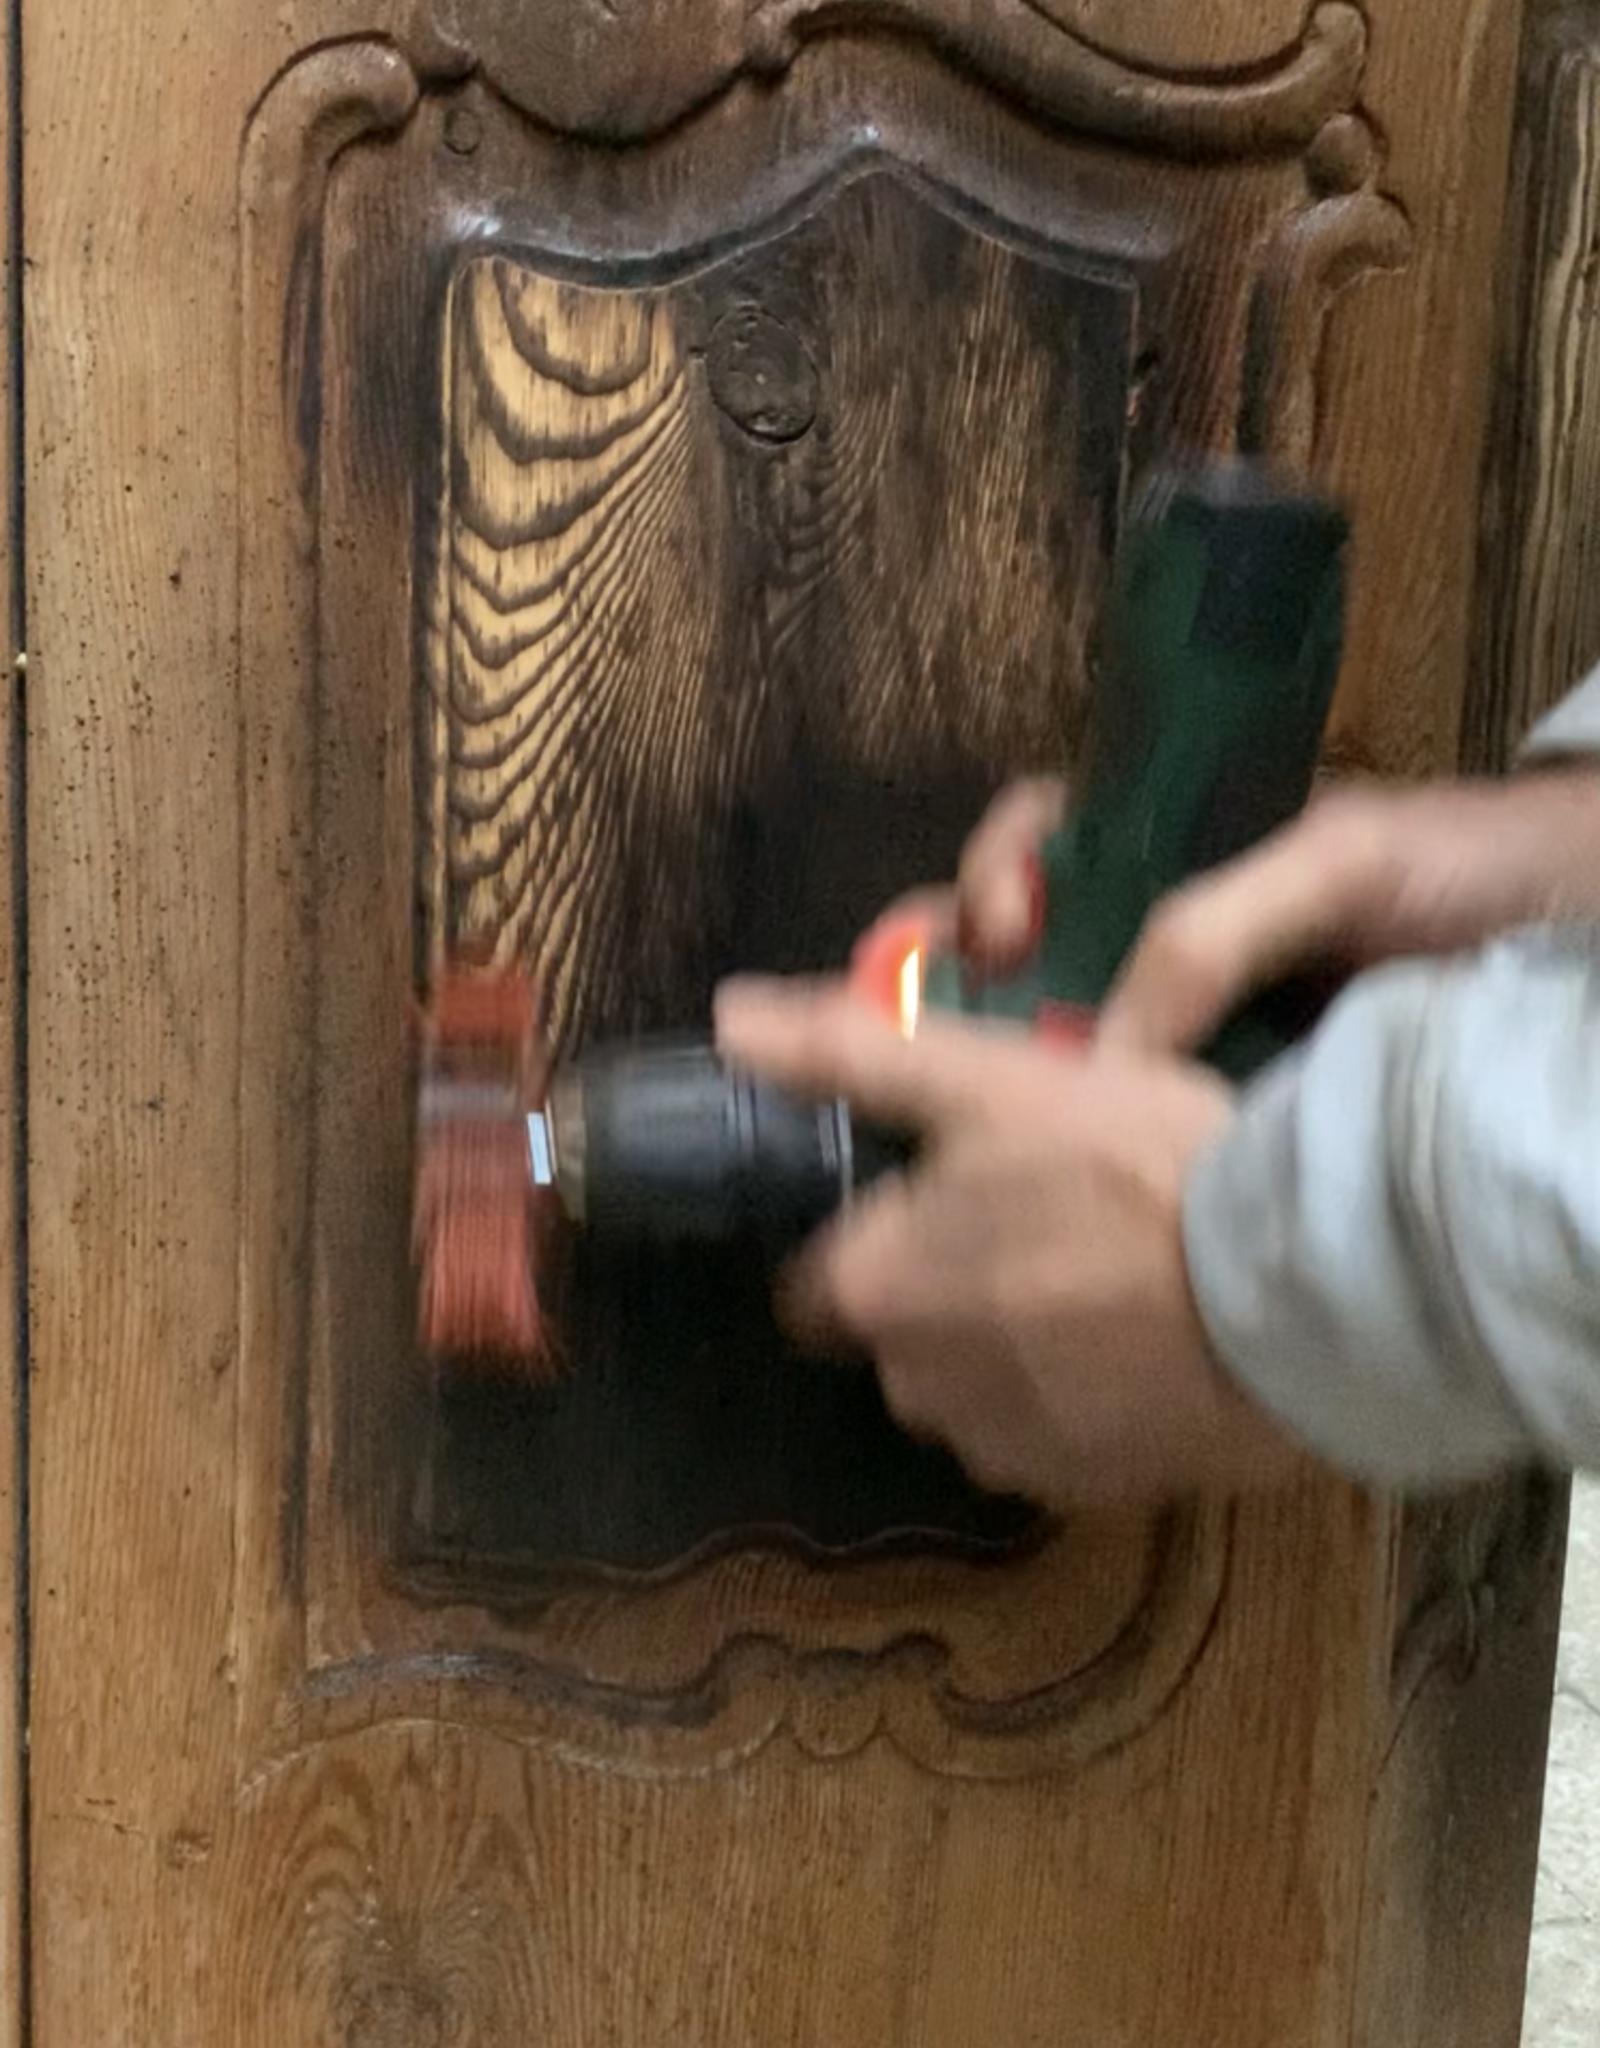 Antiker Bauernschrank aufwendig renoviert in der Shou Sugi Ban / Flamed Wood  Technik bearbeitet